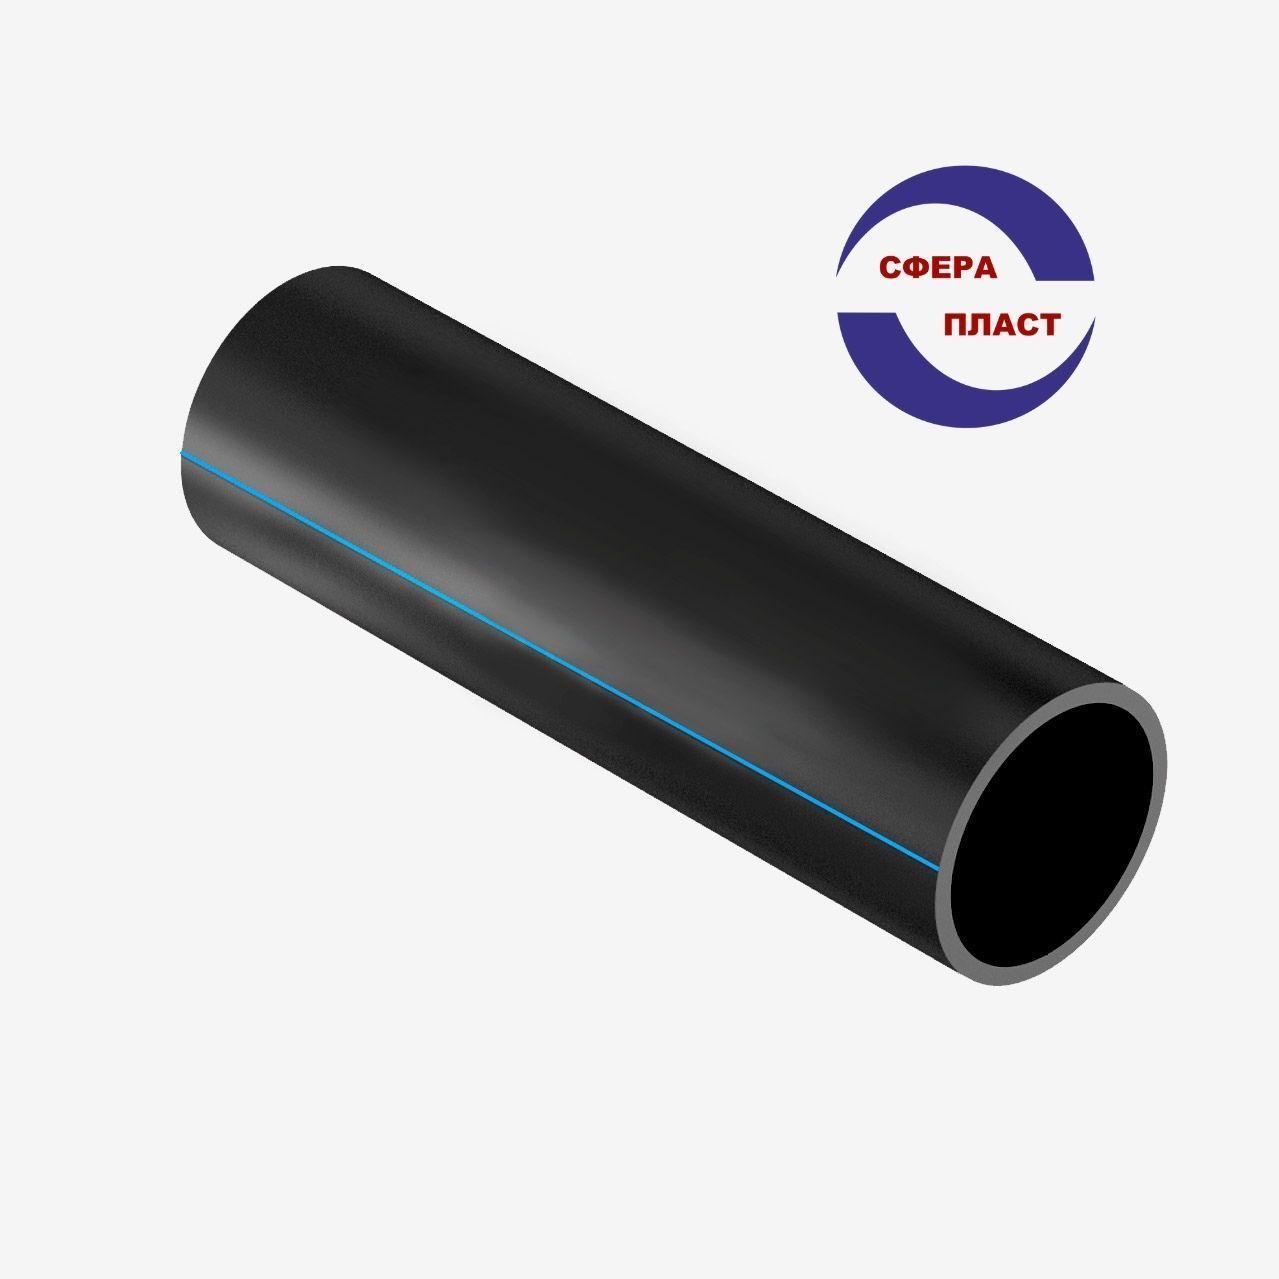 Труба Ду-160x14,6 SDR11 (16 атм) полиэтиленовая ПЭ-100